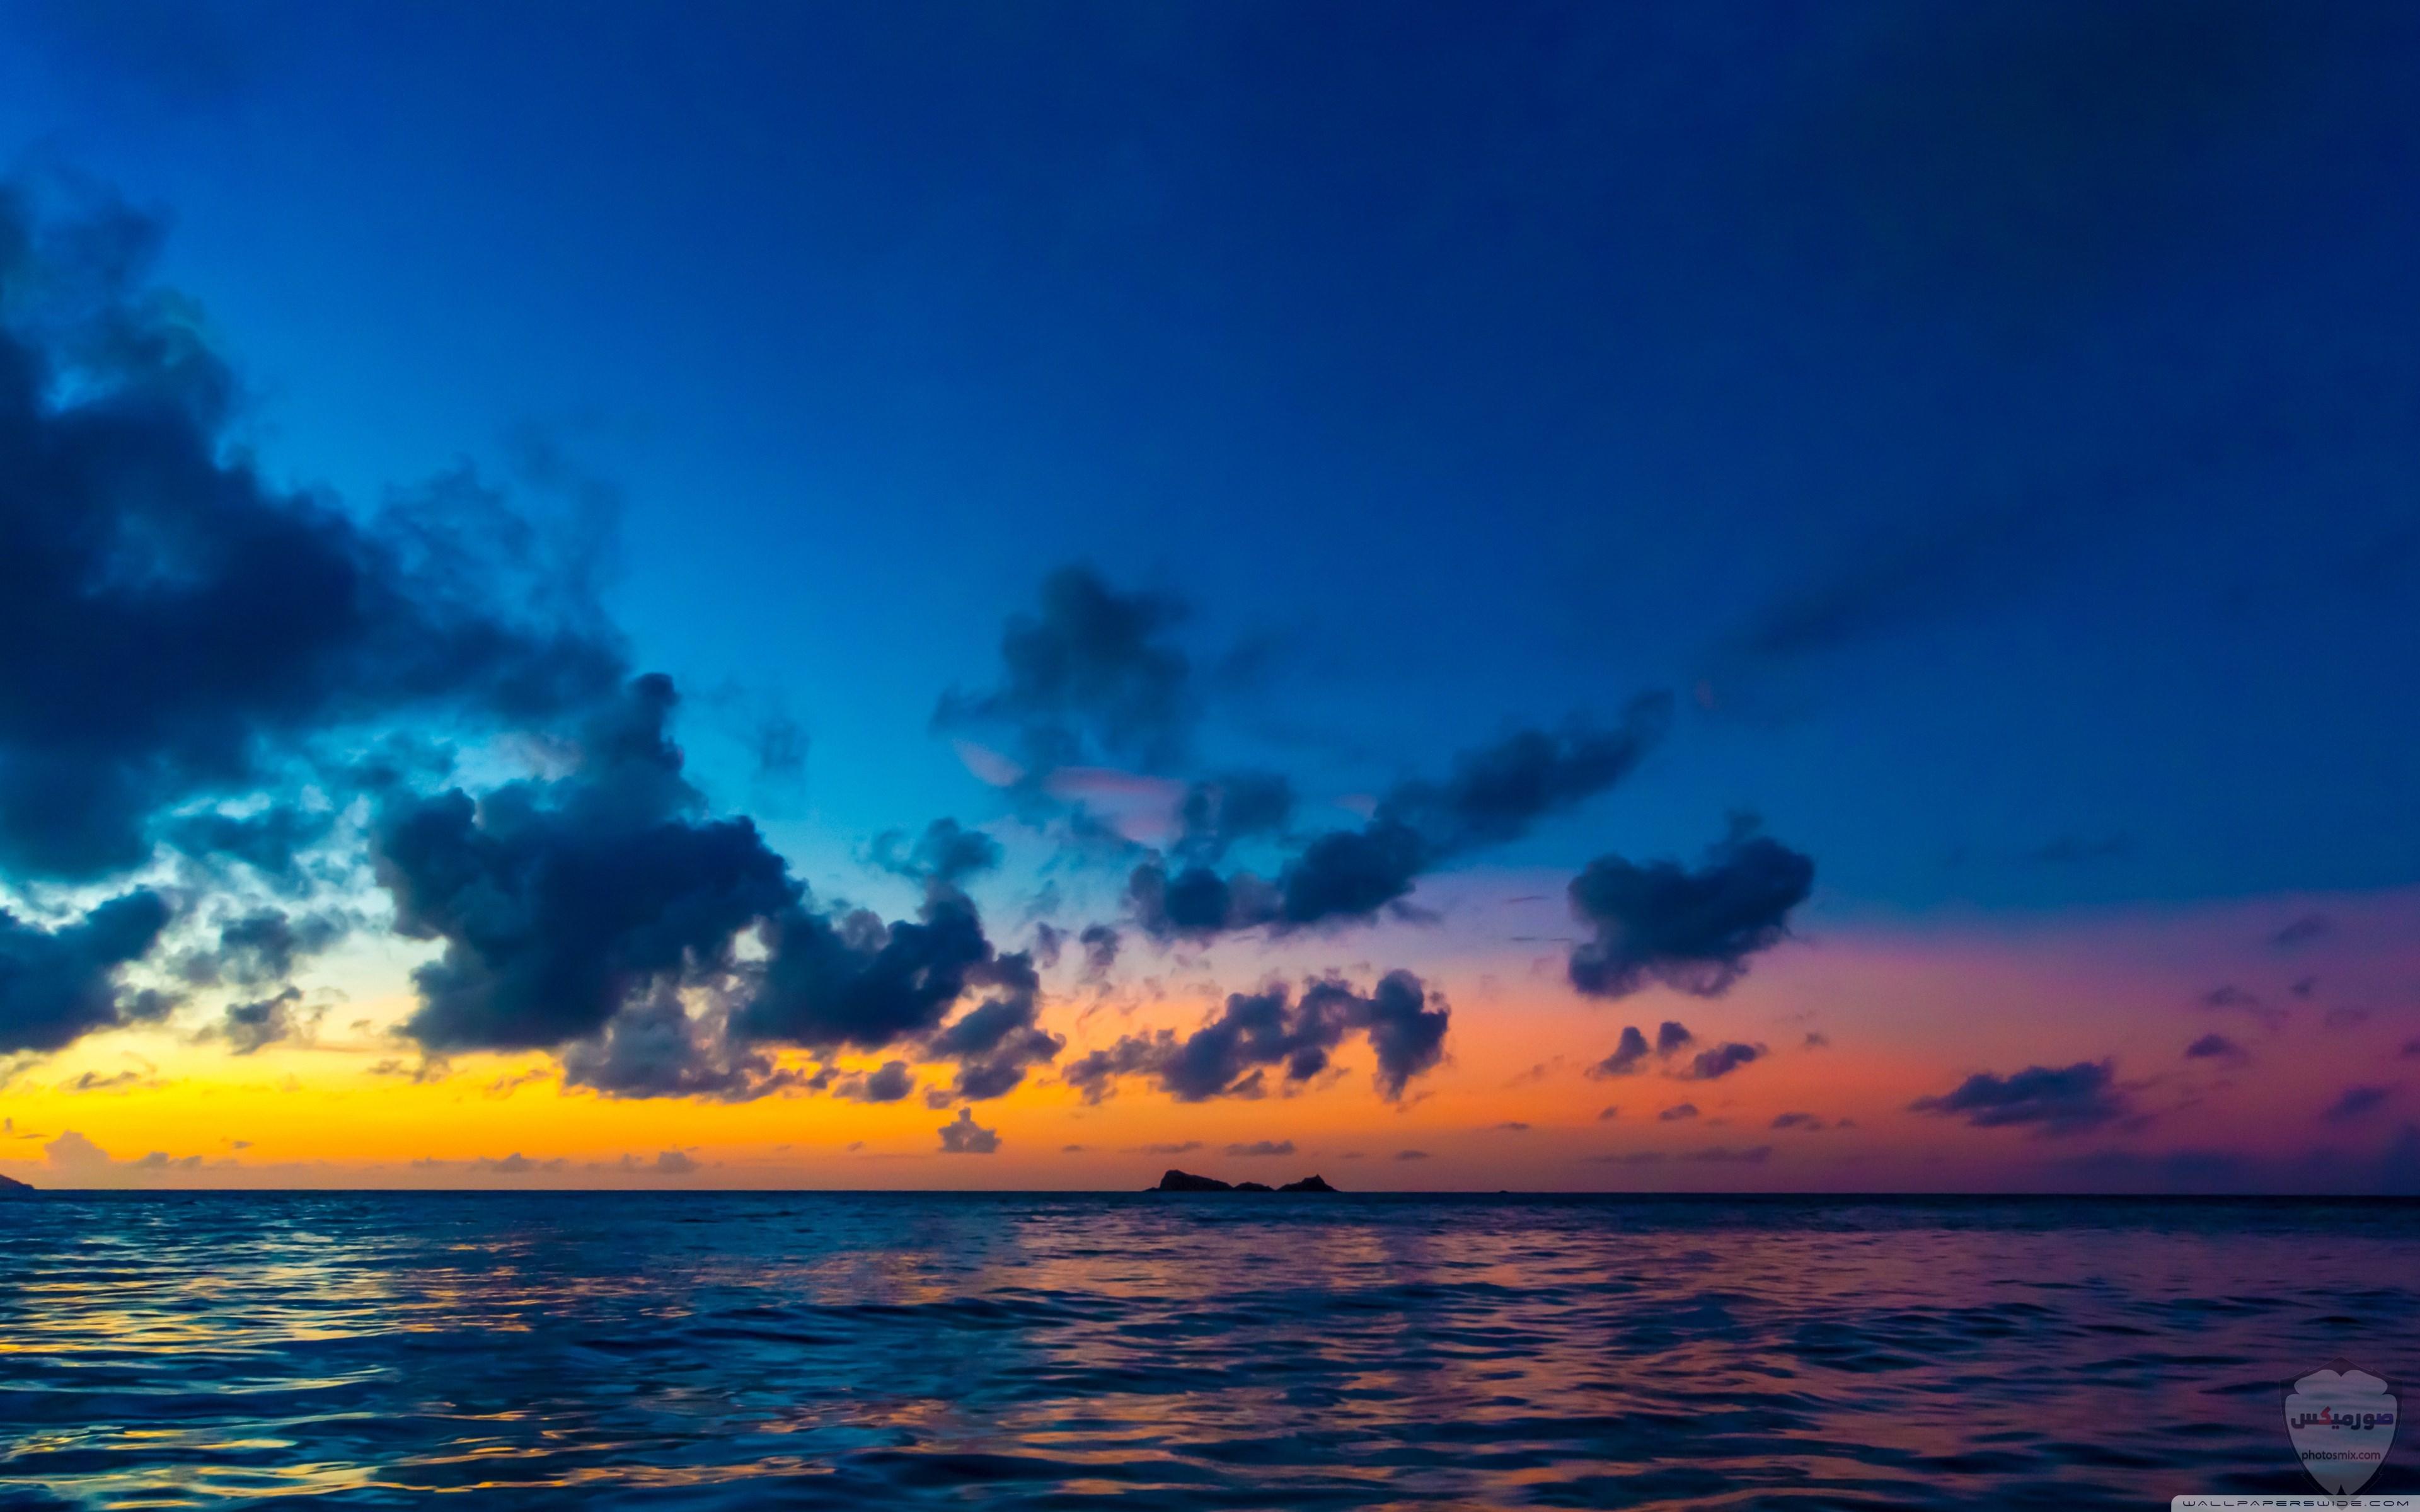 صور بحر وشاطئ صور وخلفيات بحور وشواطئ جميلة اجمل خلفيات بحار جودة عالية 8